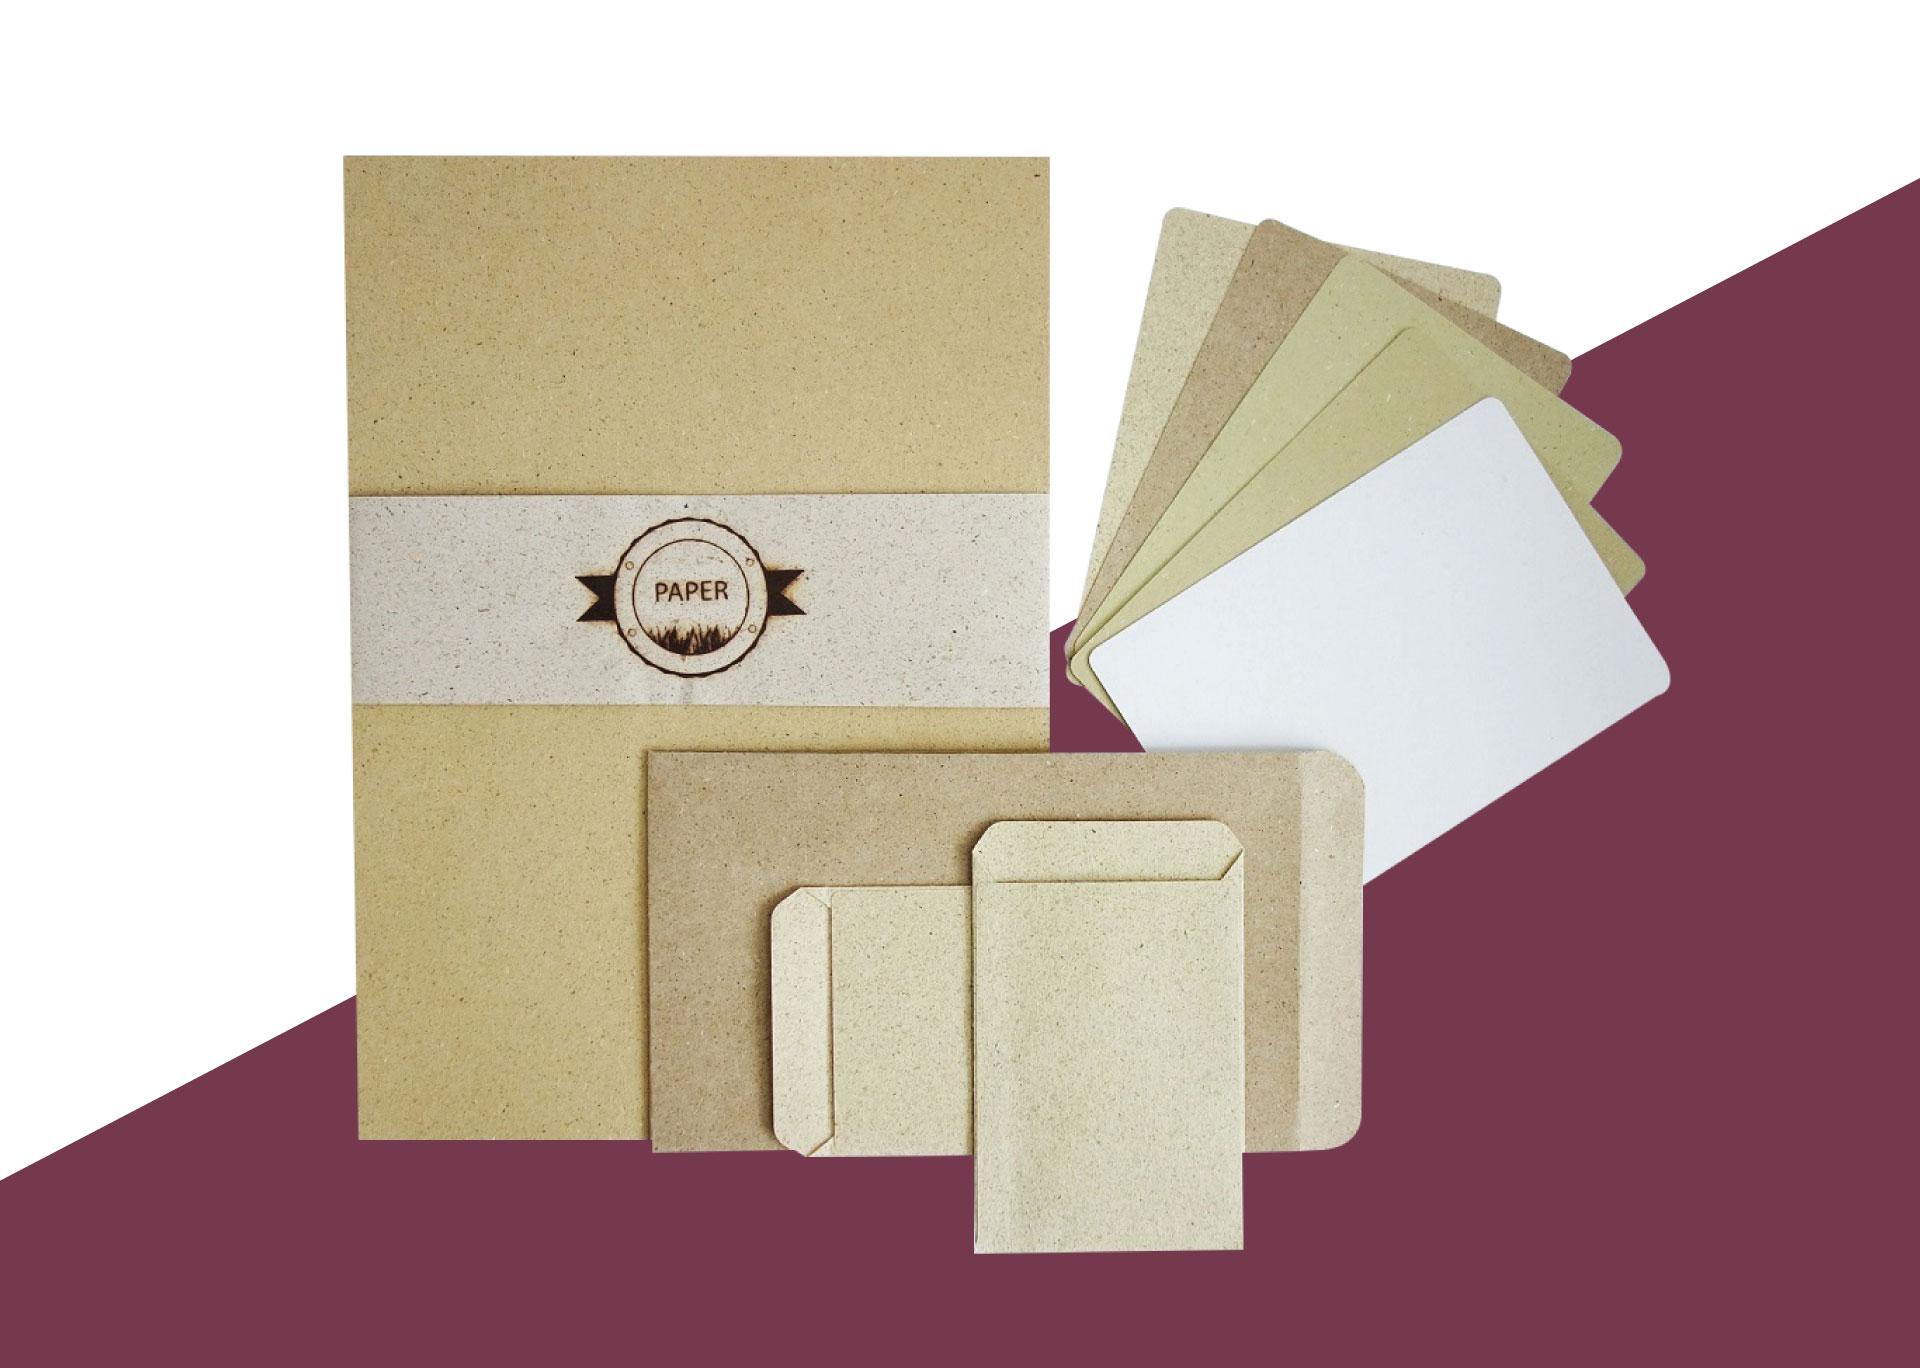 انتخاب بهترین کاغذ و مقوا برای انواع بستهبندیهای کاغذی و مقوایی